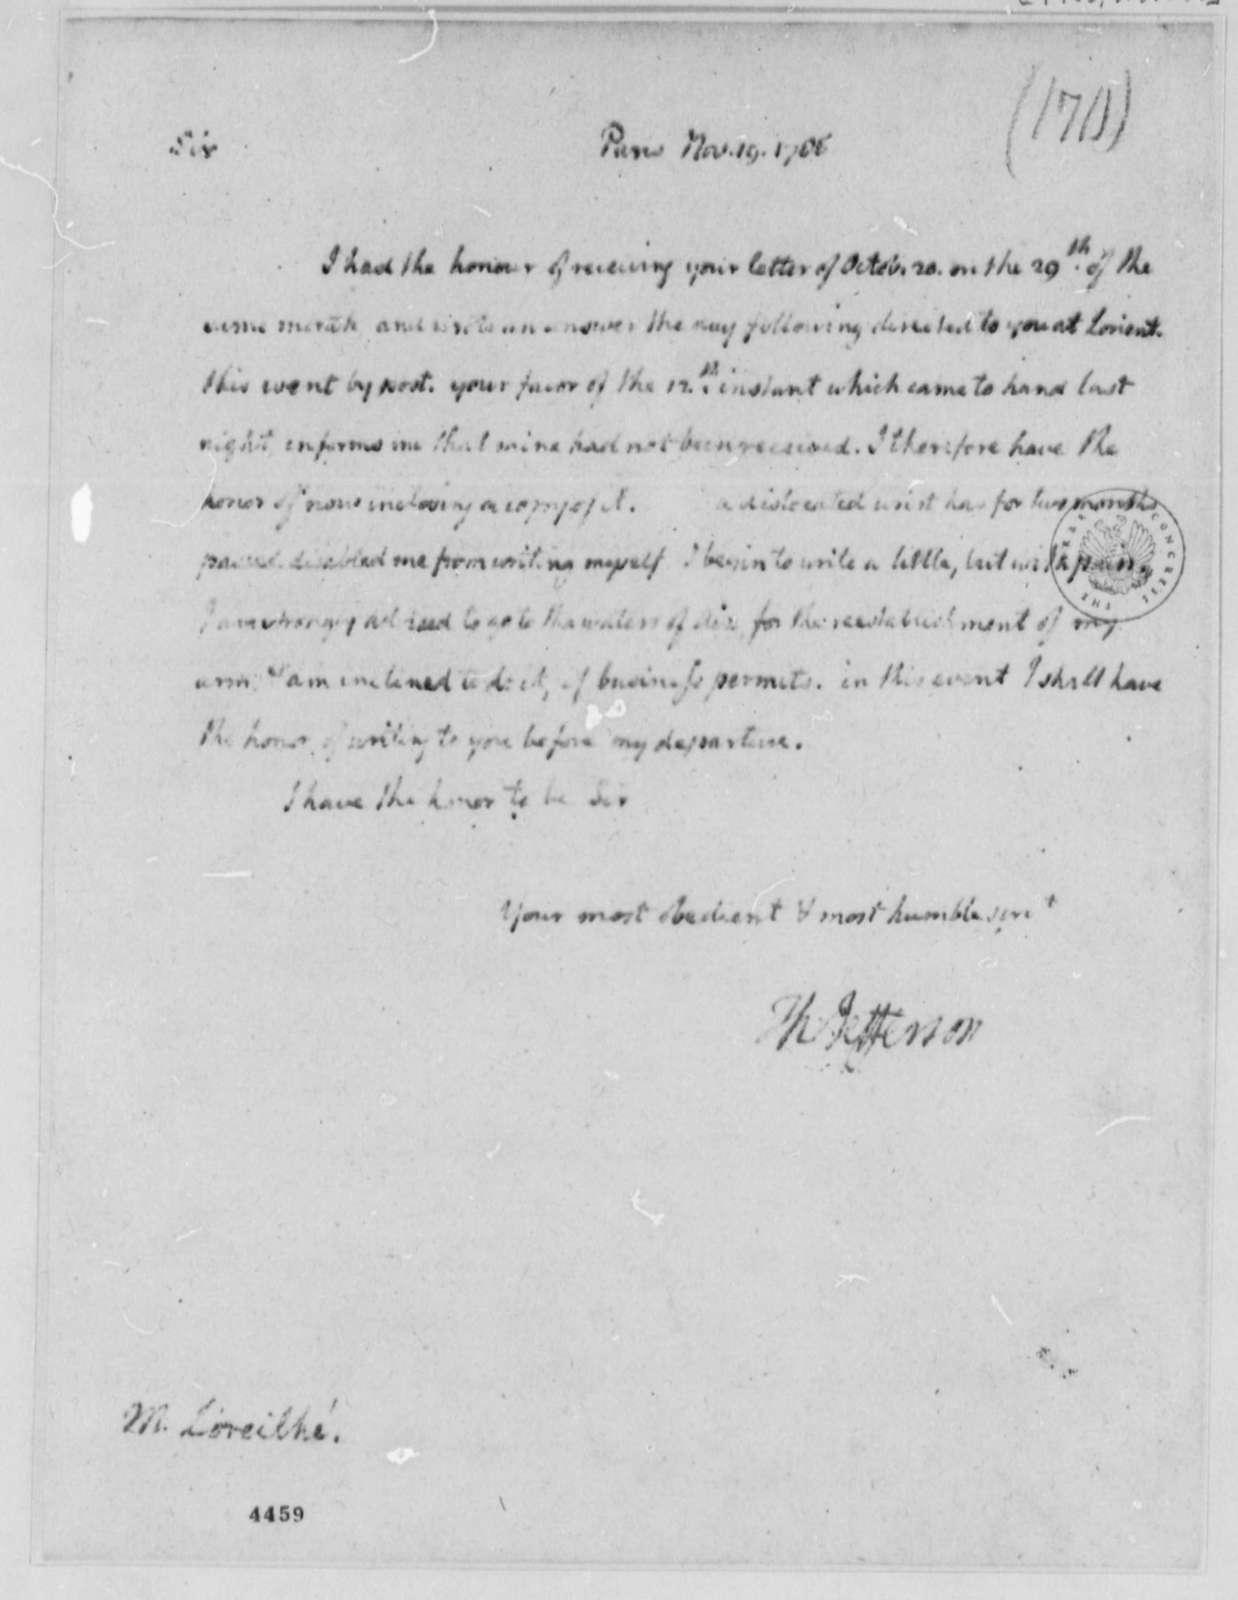 Thomas Jefferson to Zachariah Loreilhe, November 19, 1786